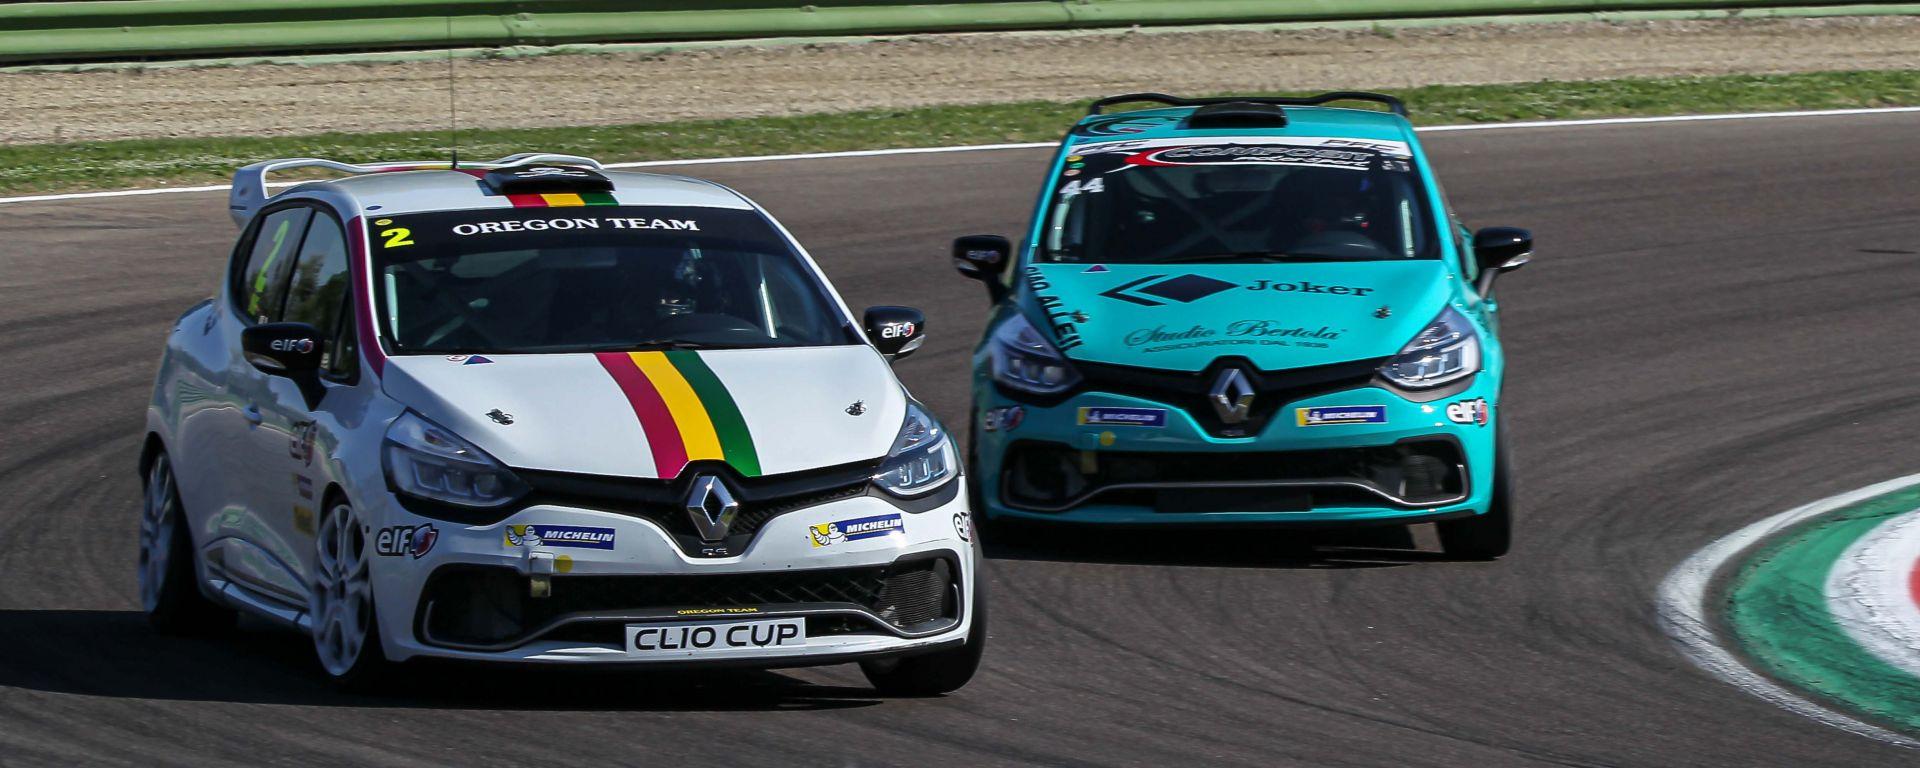 Clio Cup Italia 2019